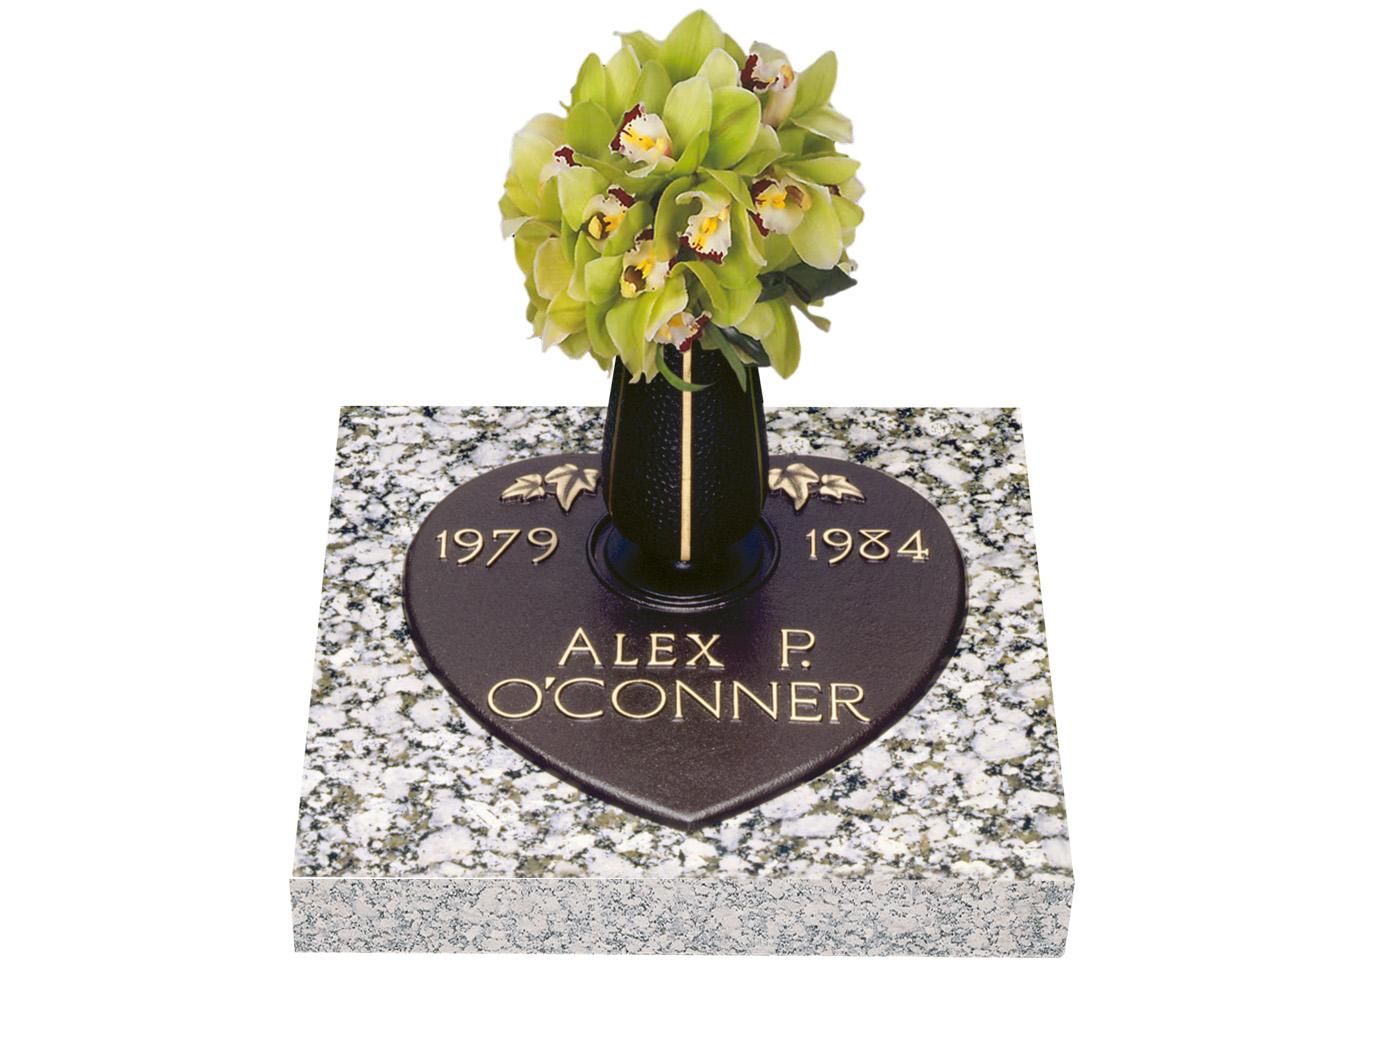 Companion Bronze Grave Markers Lovemarkers Com